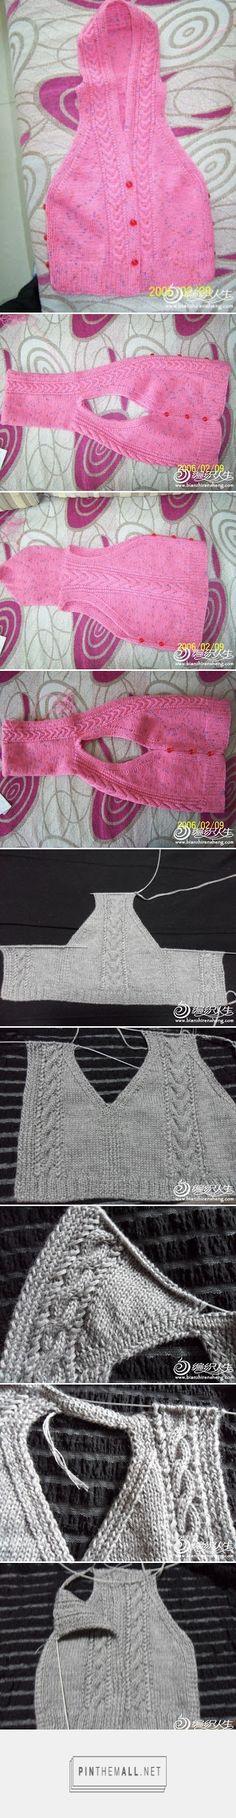 Knit baby vest with hoodie ~~ http://bebuc-hobi.blogspot.com/2011/09/kapsonlu-cocuk-yelegi.html ~~ Hobi Dünyası: Kapşonlu Çocuk Yeleği